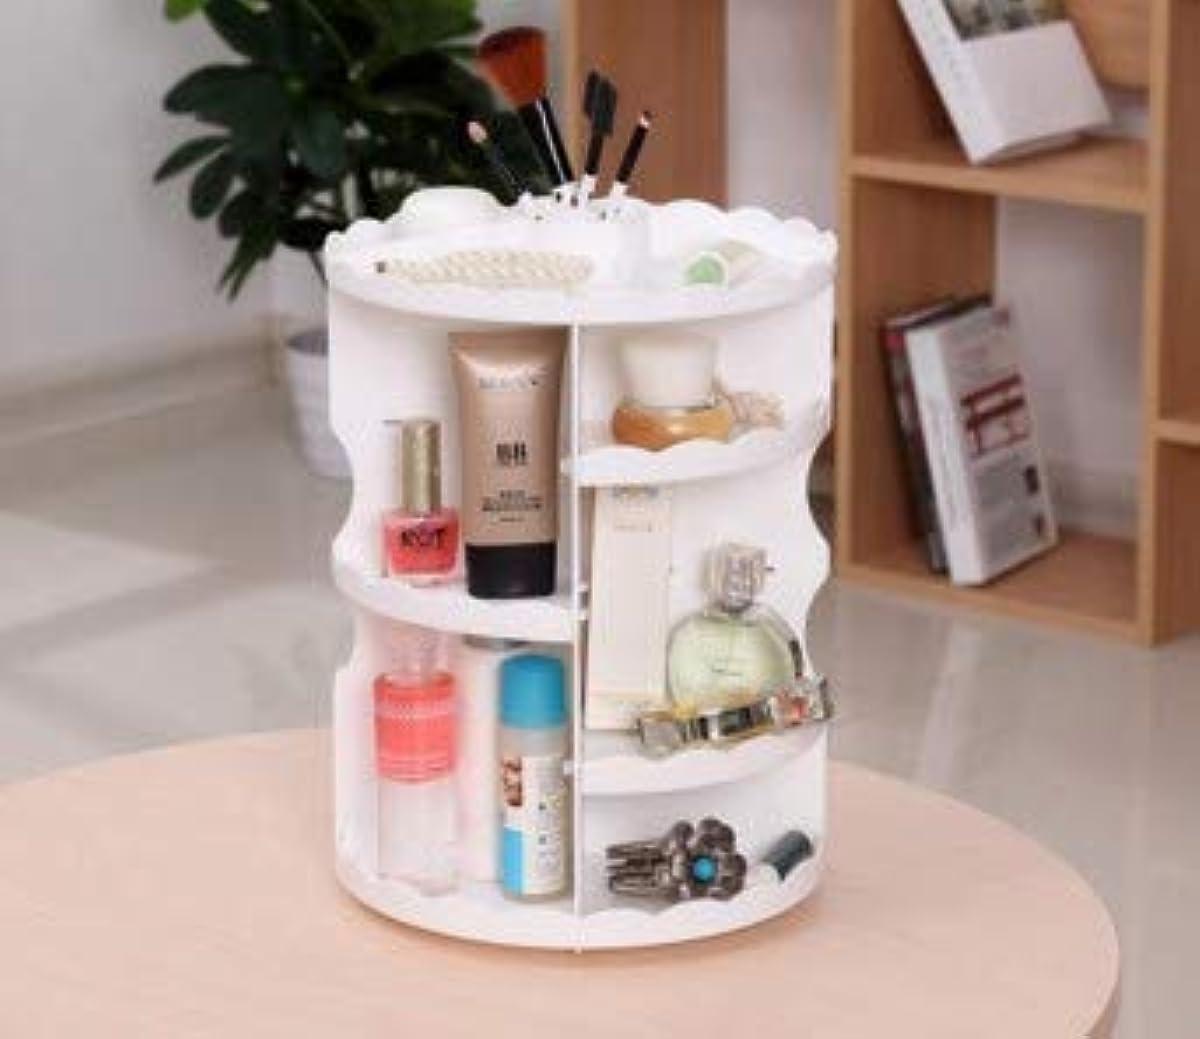 精度膿瘍定義化粧品収納ボックスプラスチックデスクトップクリエイティブ家庭用化粧台仕上げ回転化粧品収納ラック (Color : ホワイト)